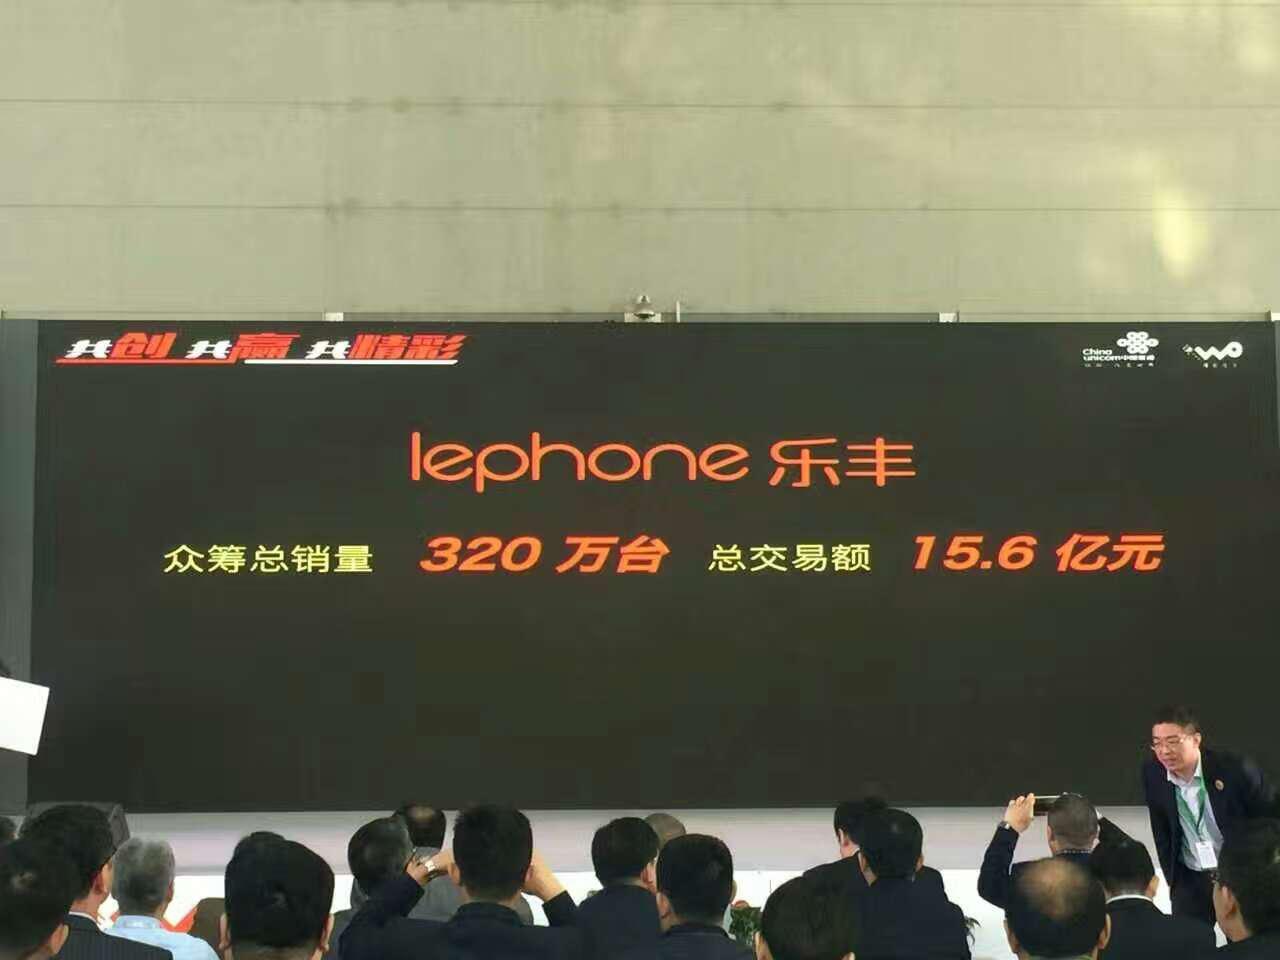 2016联通众筹会议圆满落幕 lephone视频手机成亮点